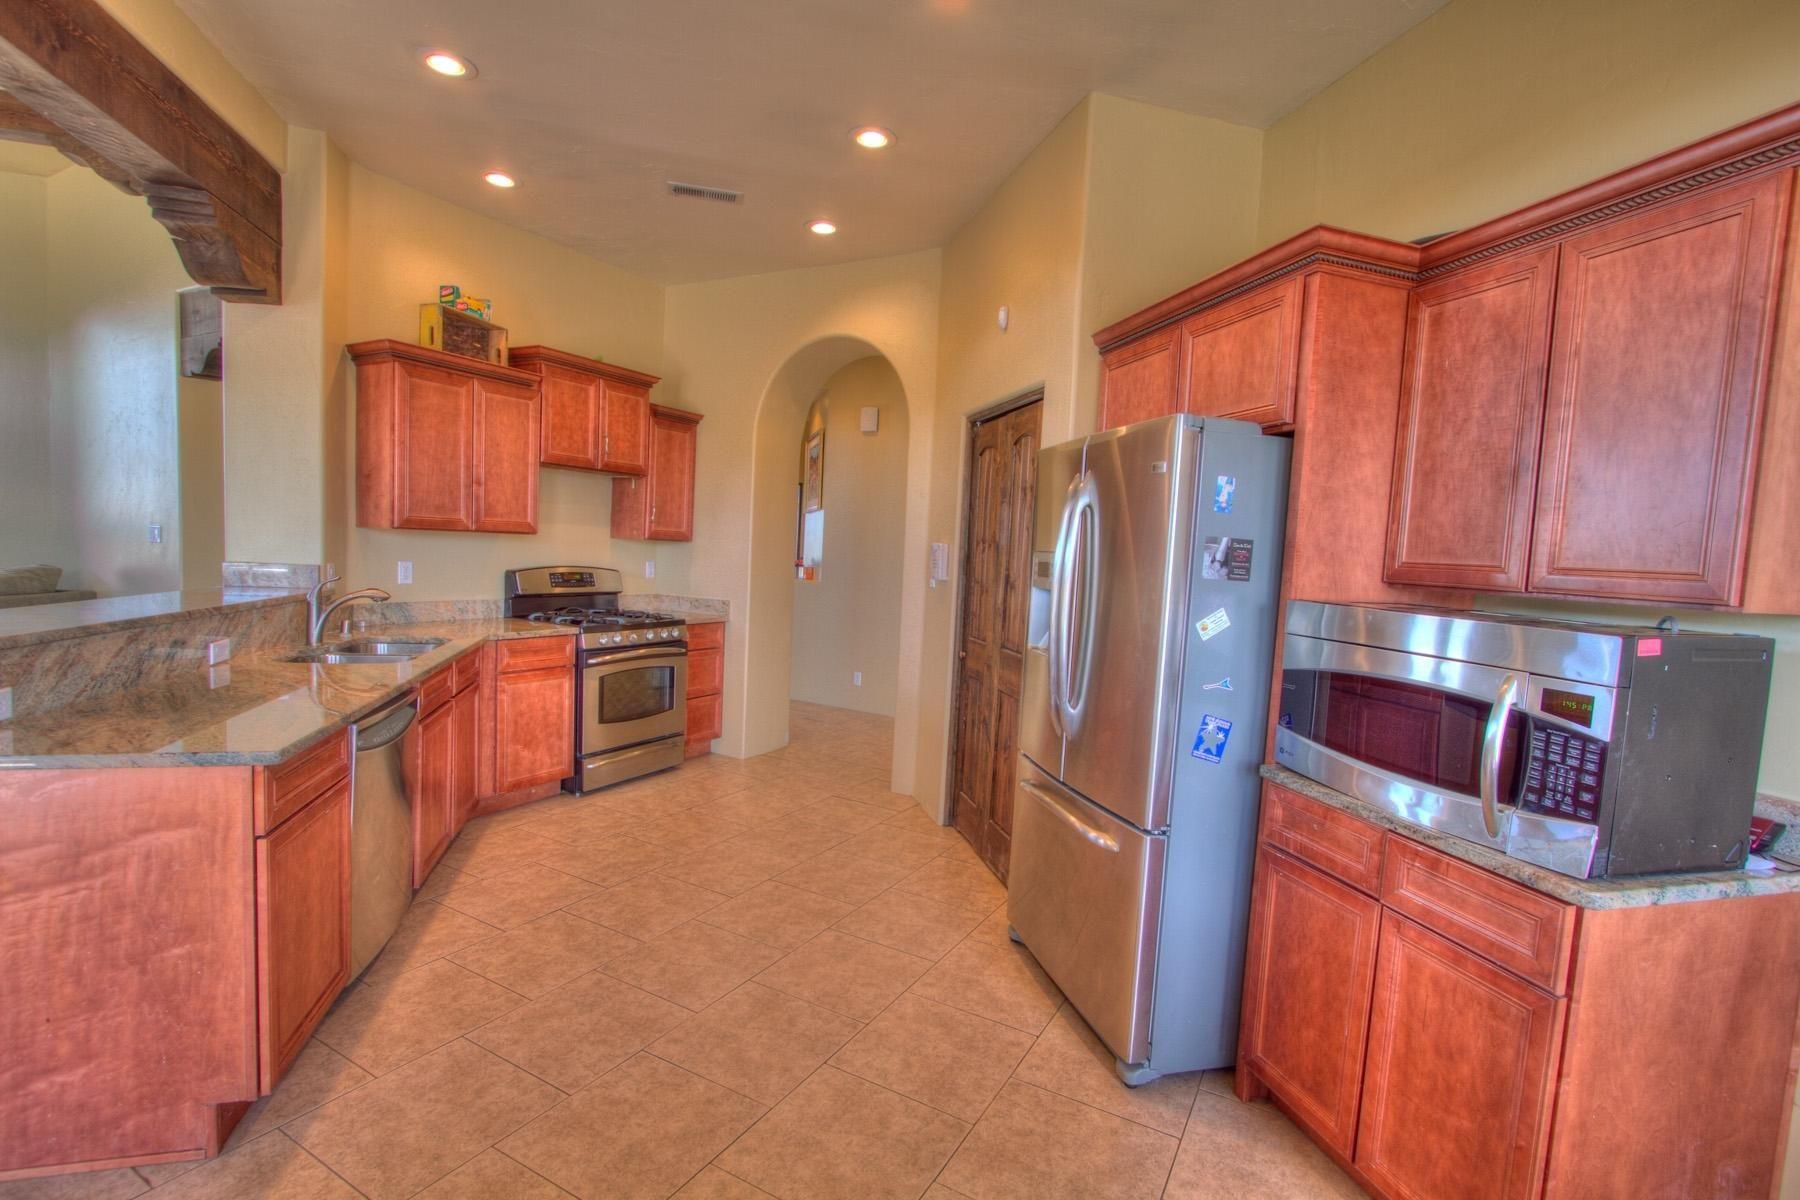 Modern Kitchen At 6715 Rim Rock In Albuquerque New Mexico Home For Sale Home New Mexico Homes Modern Kitchen